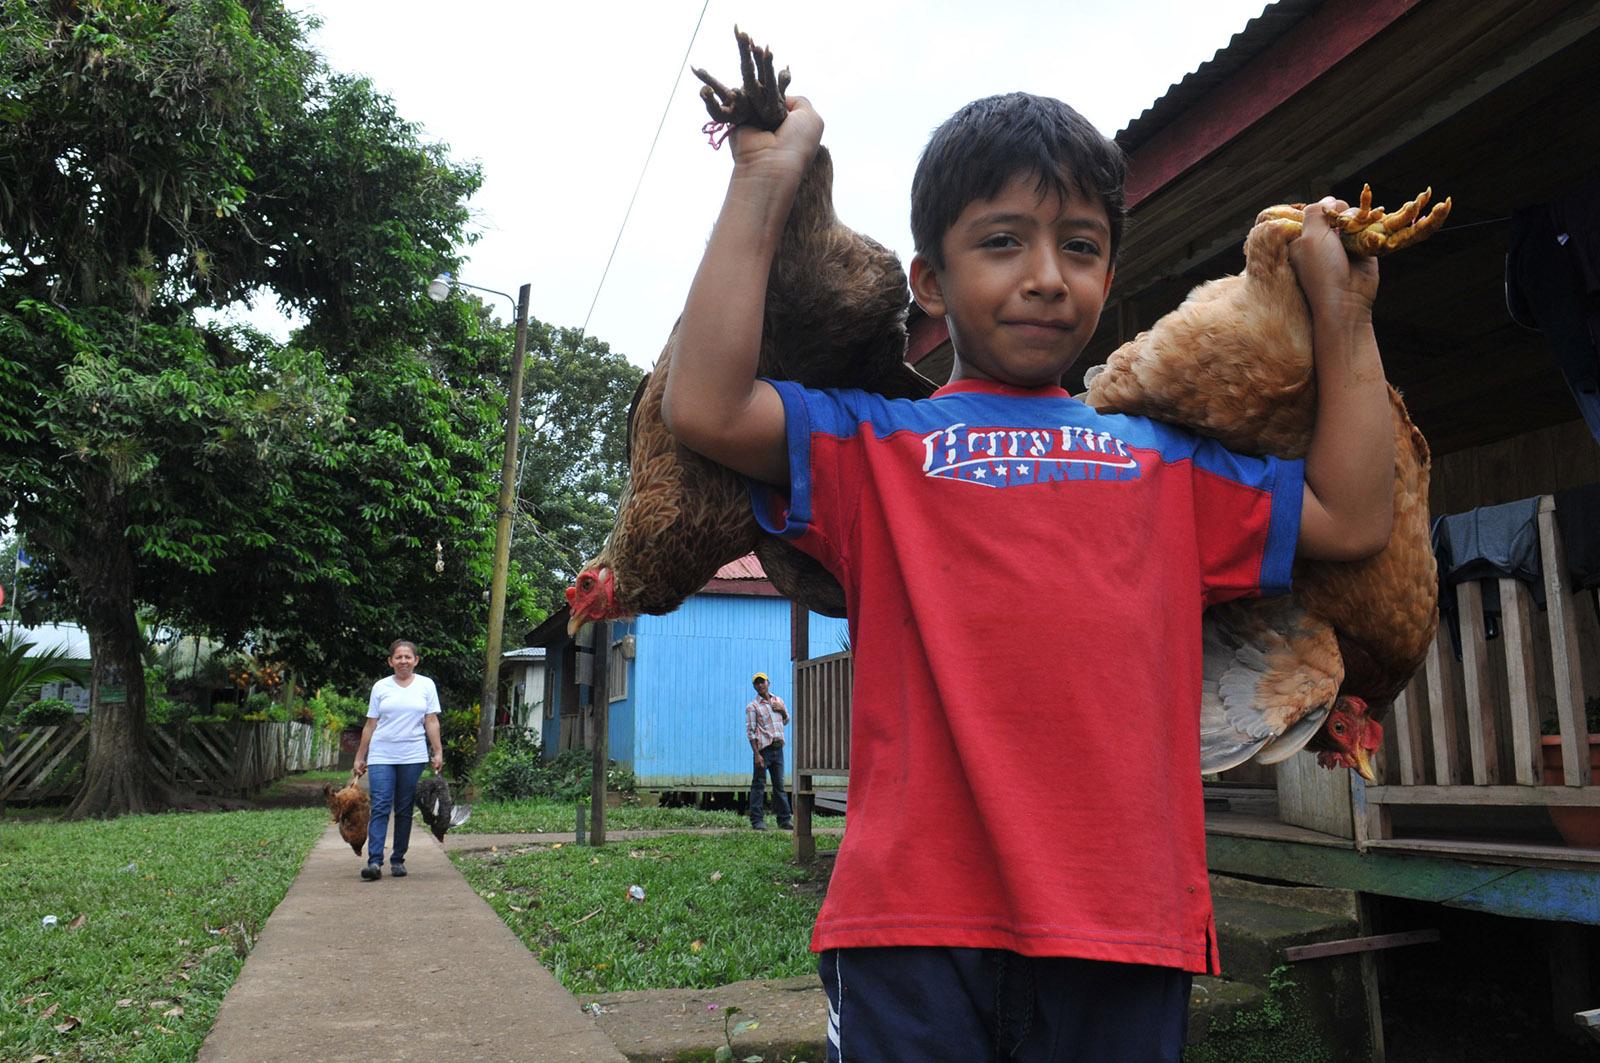 foto van een jongetje met twee kippen over zijn schouders hangend en op de achtergrond een vrouw met twee kippen in haar handen en een man die om het hoekje kijkt